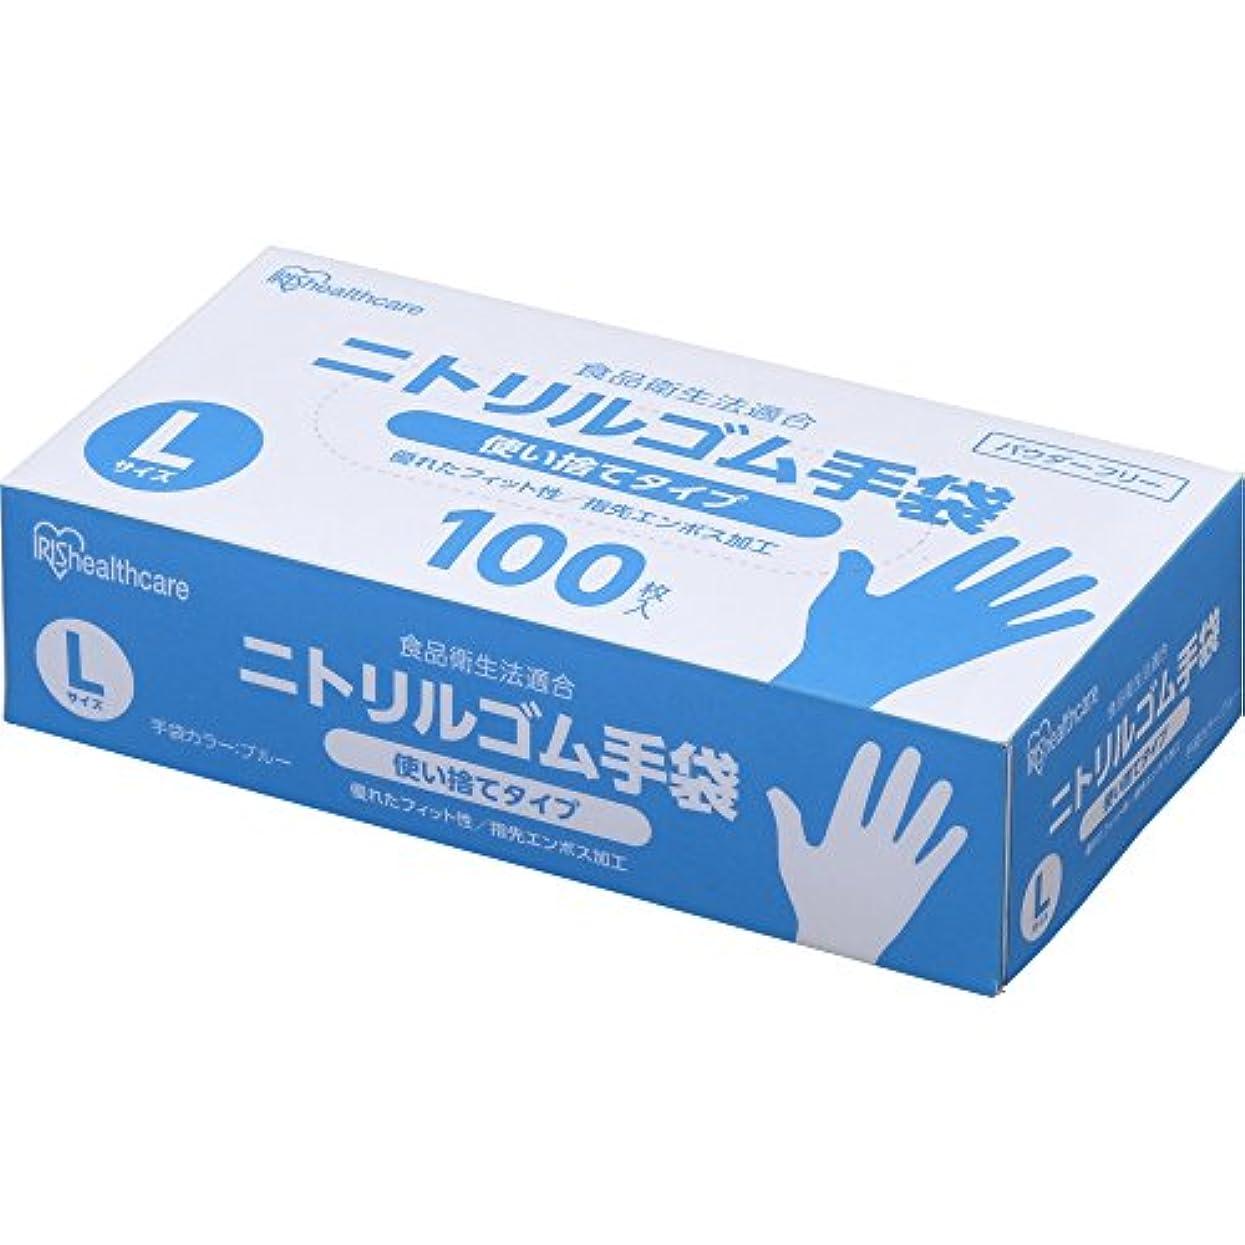 中国悪因子幸運なことにアイリスオーヤマ 使い捨て手袋 ブルー ニトリルゴム 100枚 Lサイズ 業務用